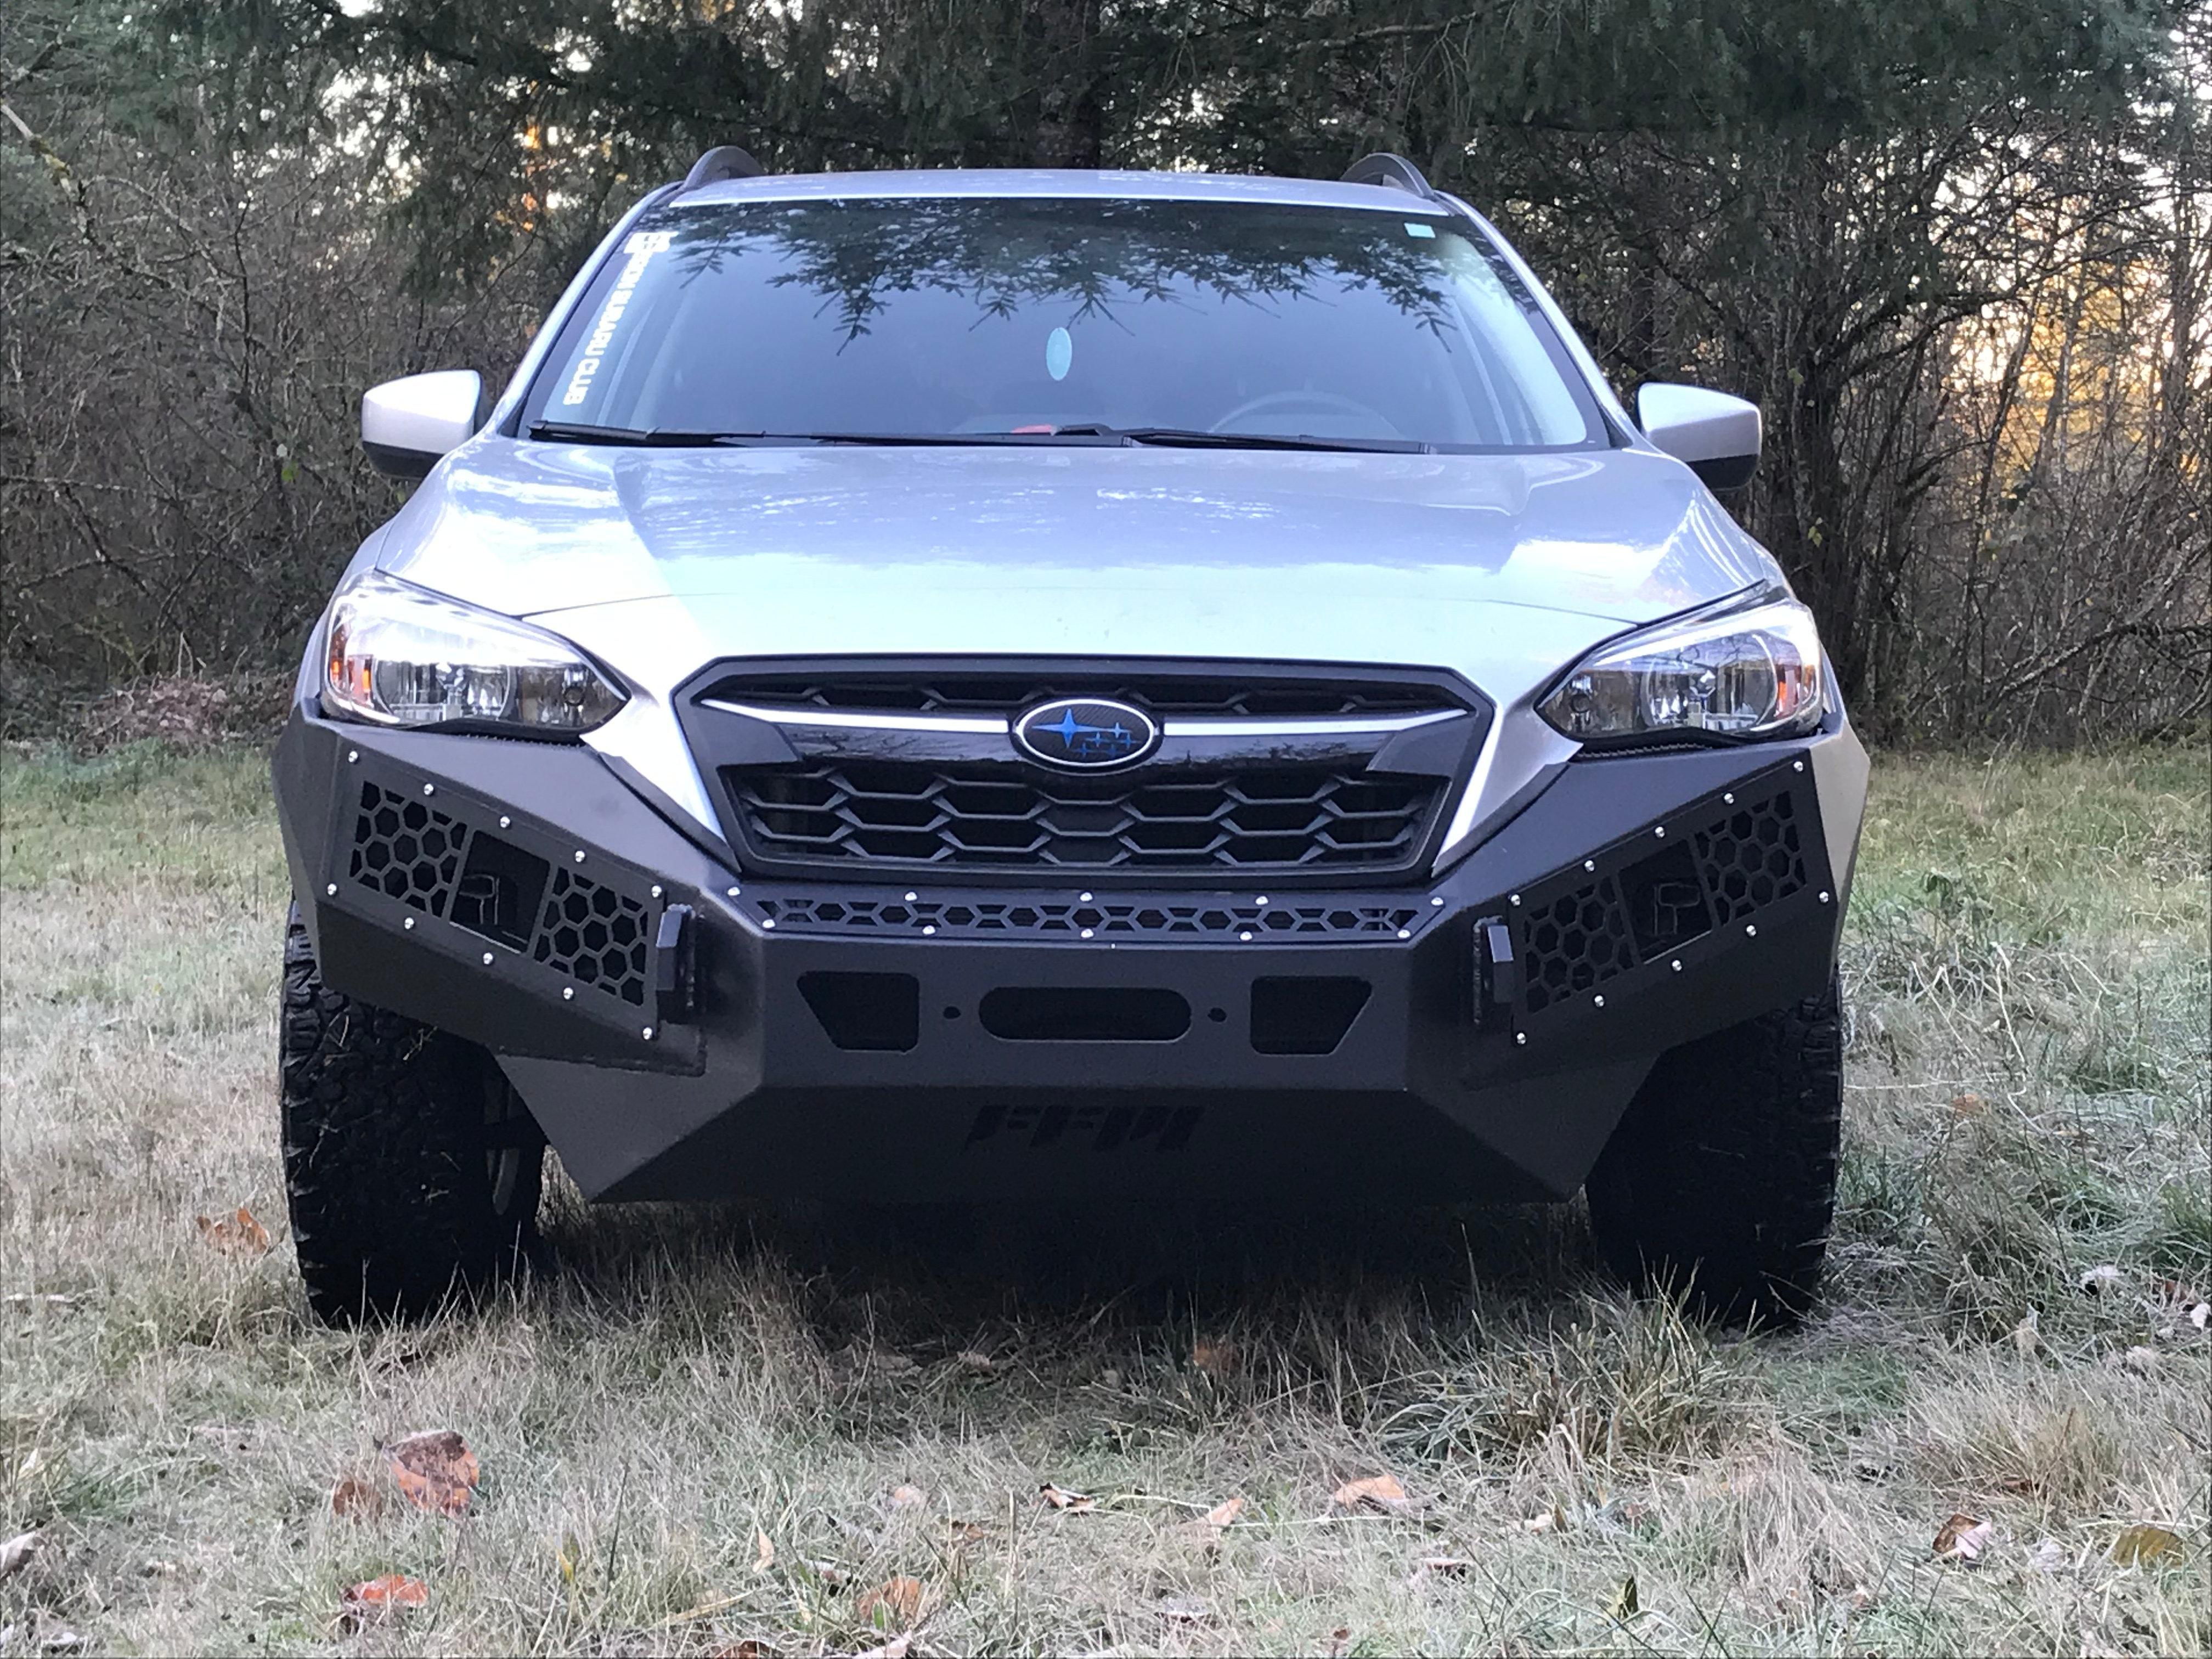 18 Crosstrek Defender Series Front Bumper